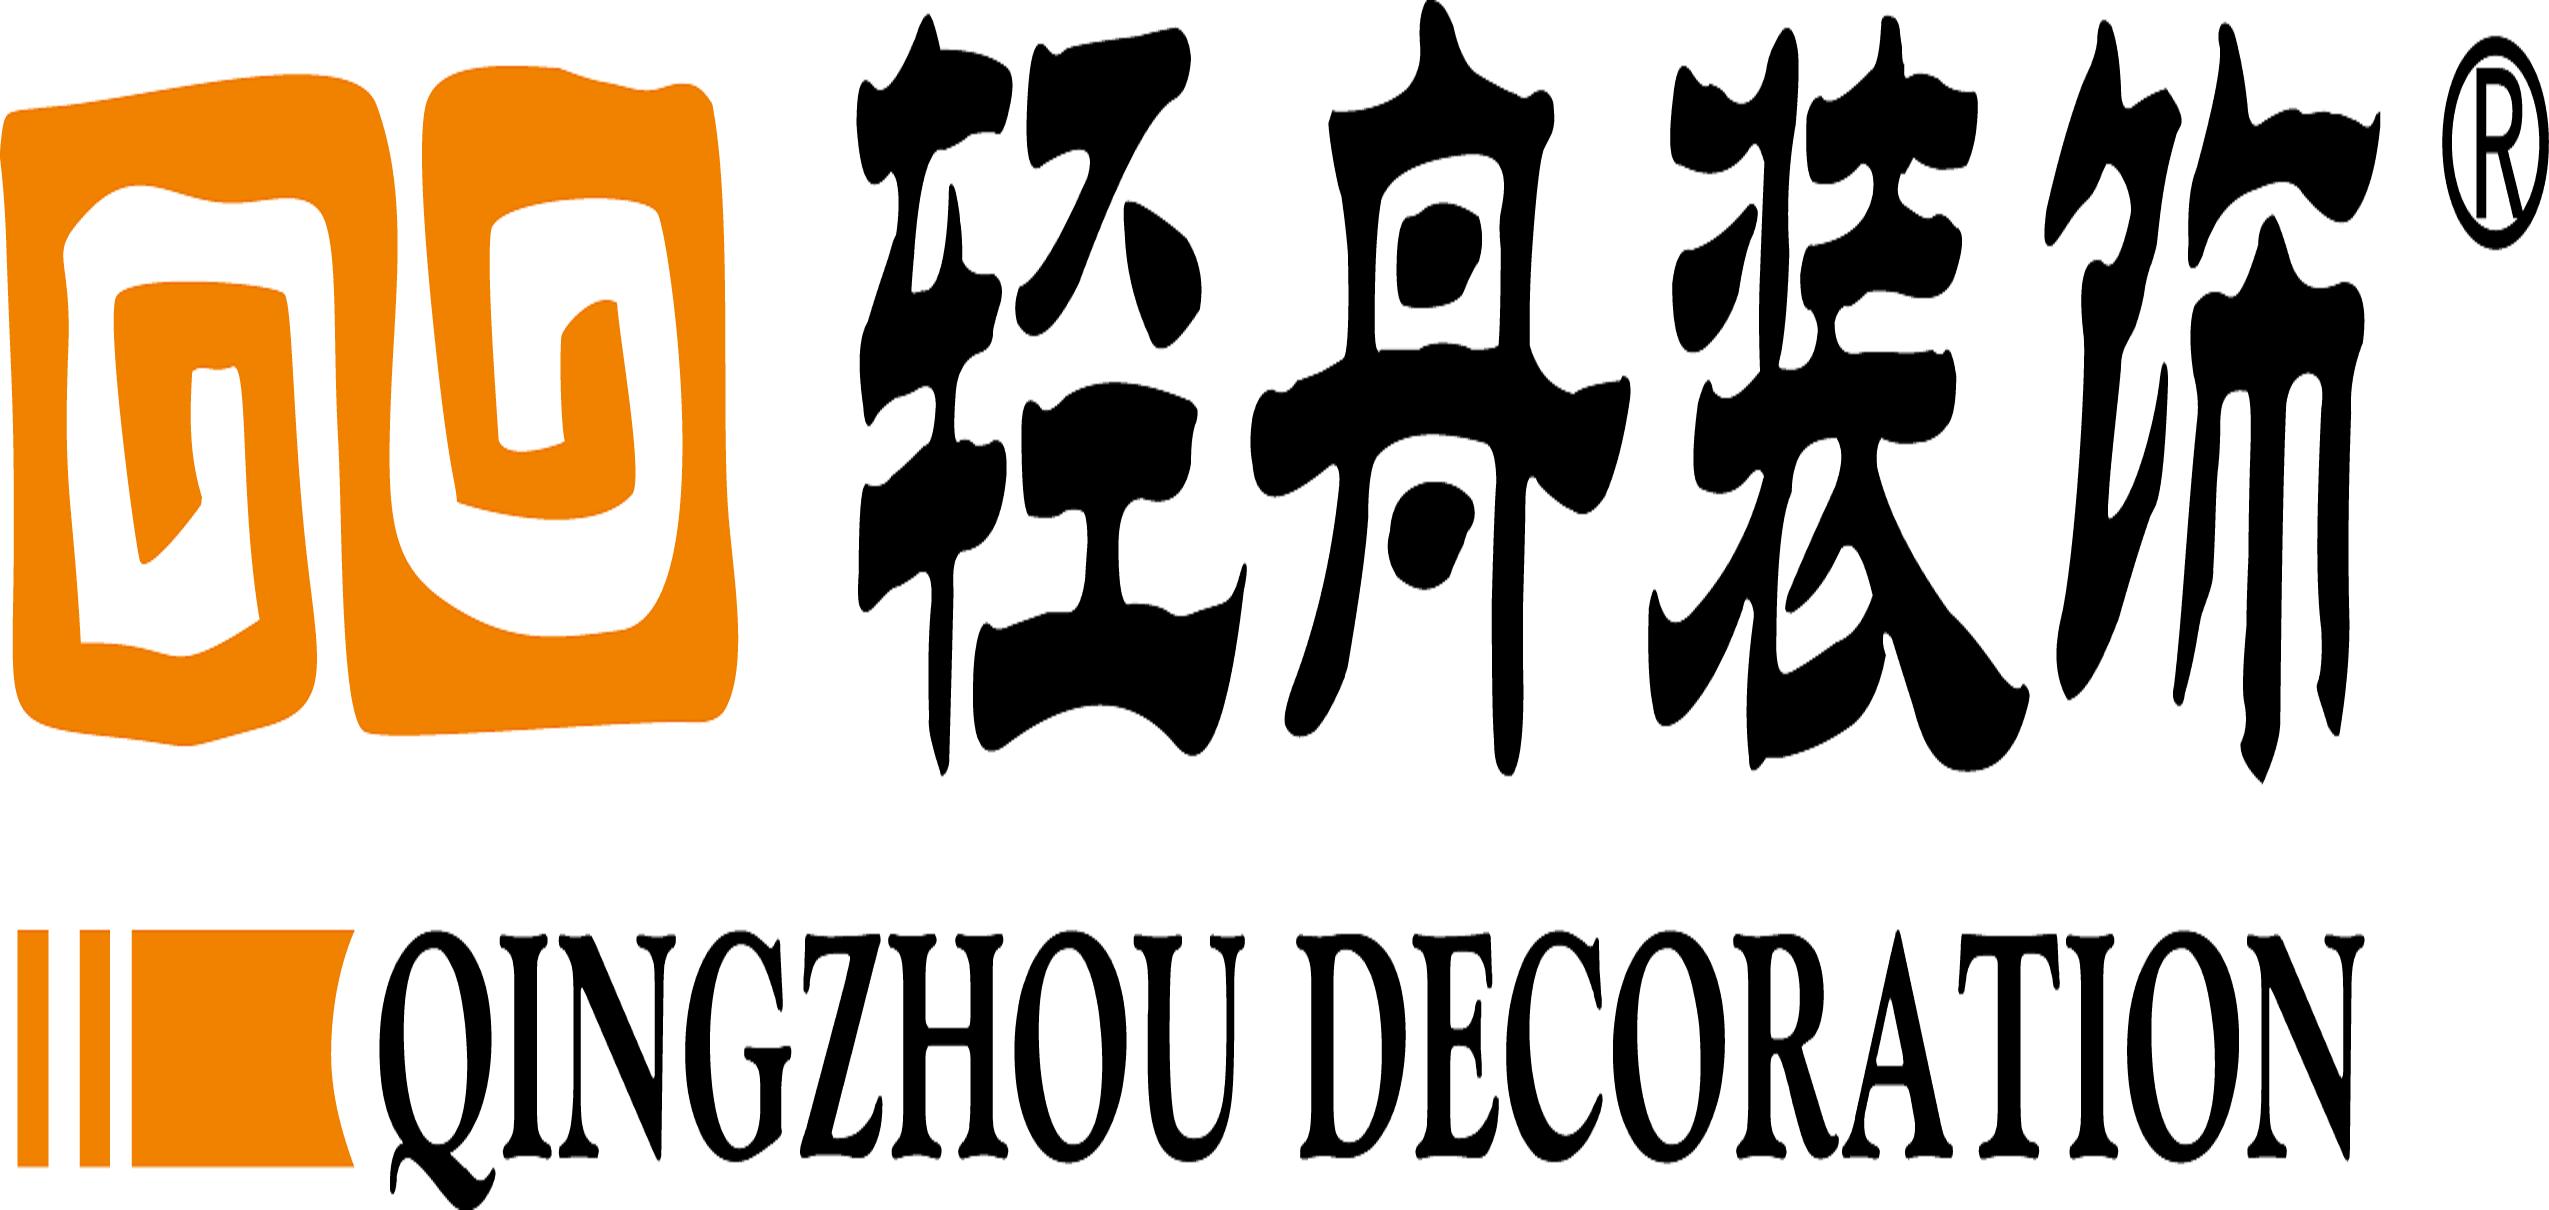 北京轻舟装饰曲靖分公司